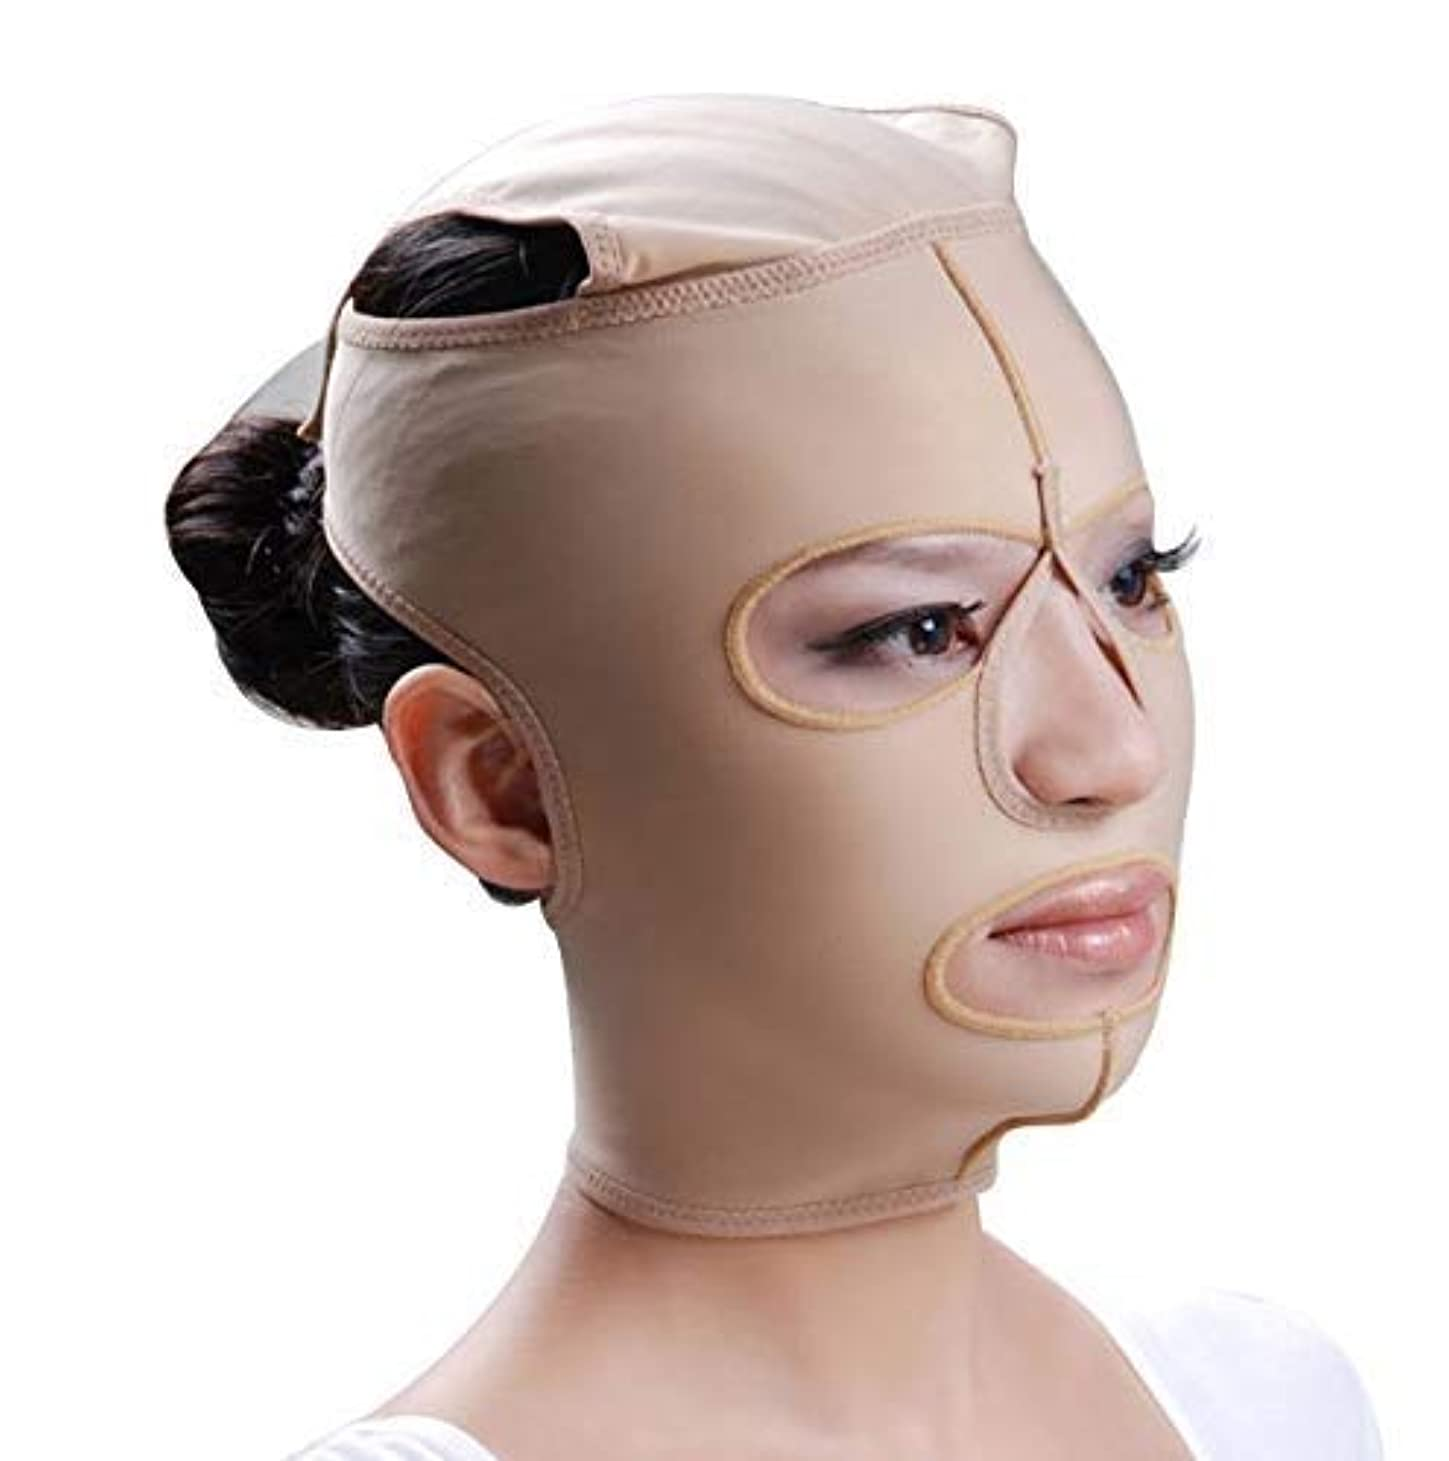 効果的に深める第九ファーミングフェイスマスク、フェイシャルマスク弾性フェイスリフティングリフティングファーミングパターンマイクロフィニッシングポストモデリングコンプレッションフェイスマスク(サイズ:S)